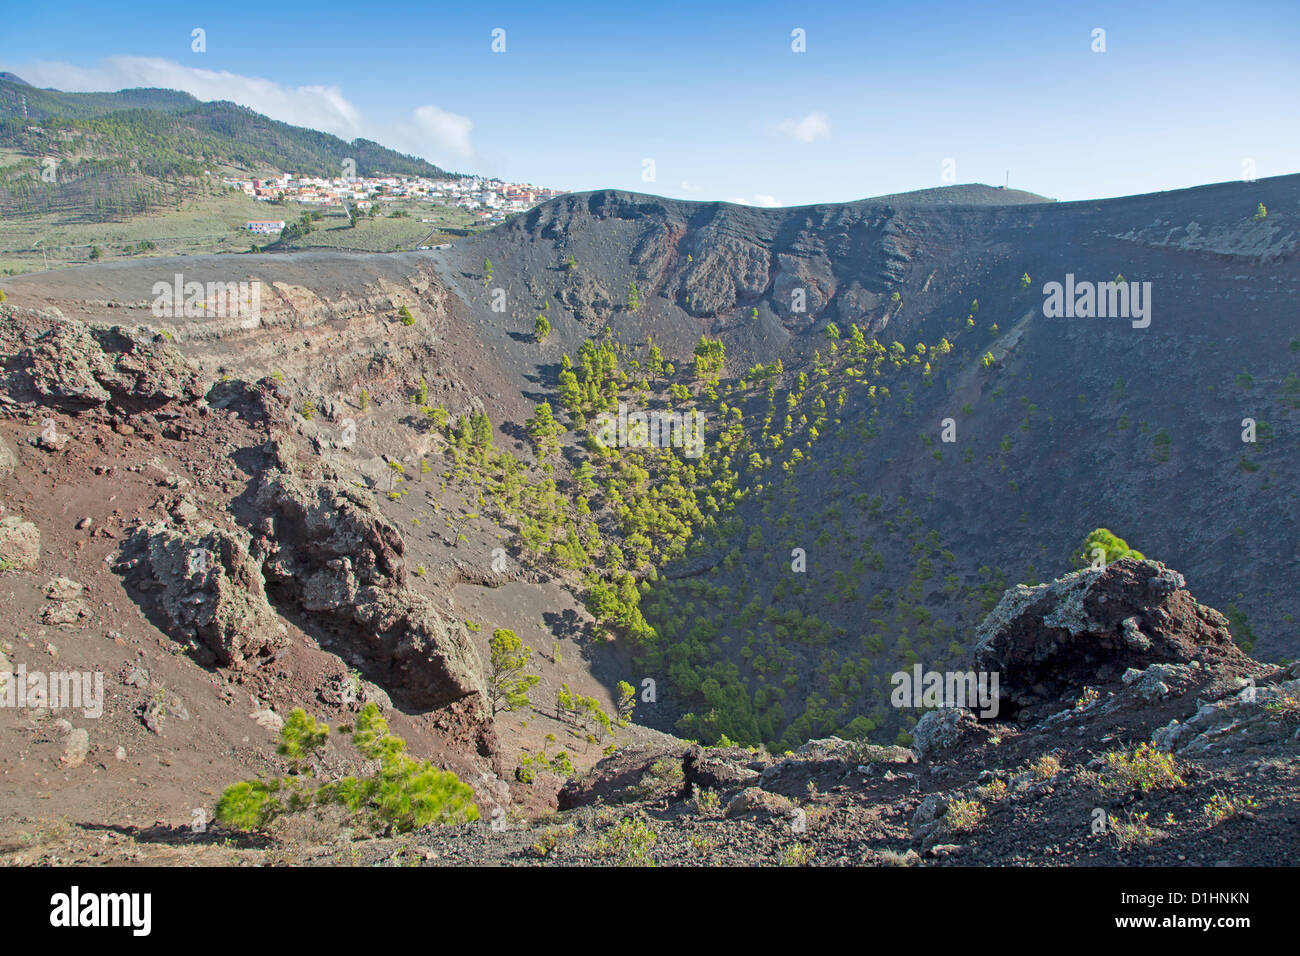 Sinkhole city stock photos sinkhole city stock images - Antonio palma ...